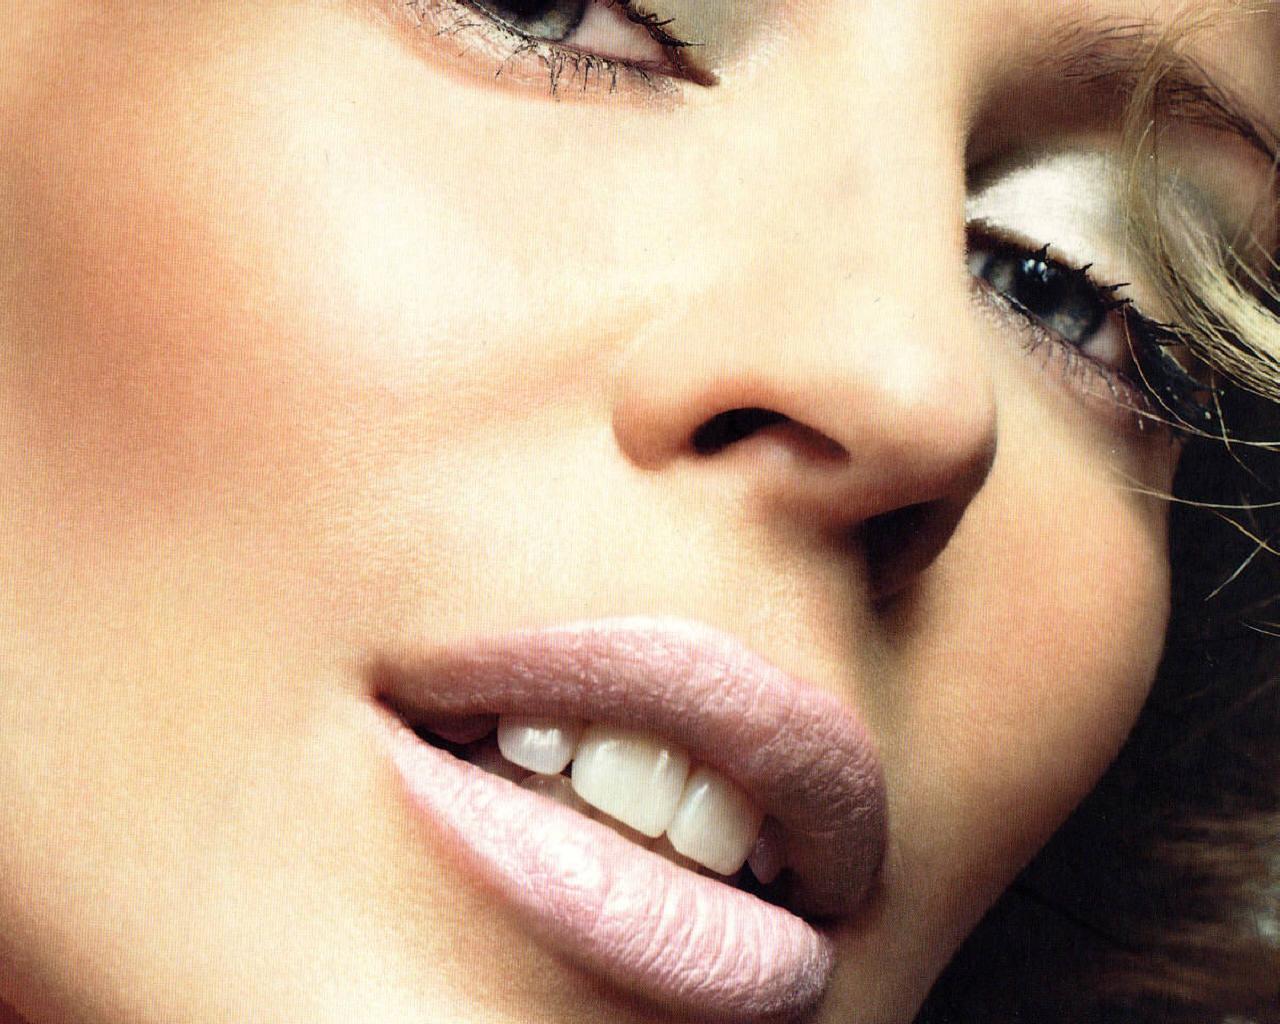 http://2.bp.blogspot.com/-B5ULUhfS6os/T8LulWx1hHI/AAAAAAAAKmg/-s3FxU4ii2M/s1600/Kylie-Minogue-kylie-minogue-64560_1280_1024.jpg